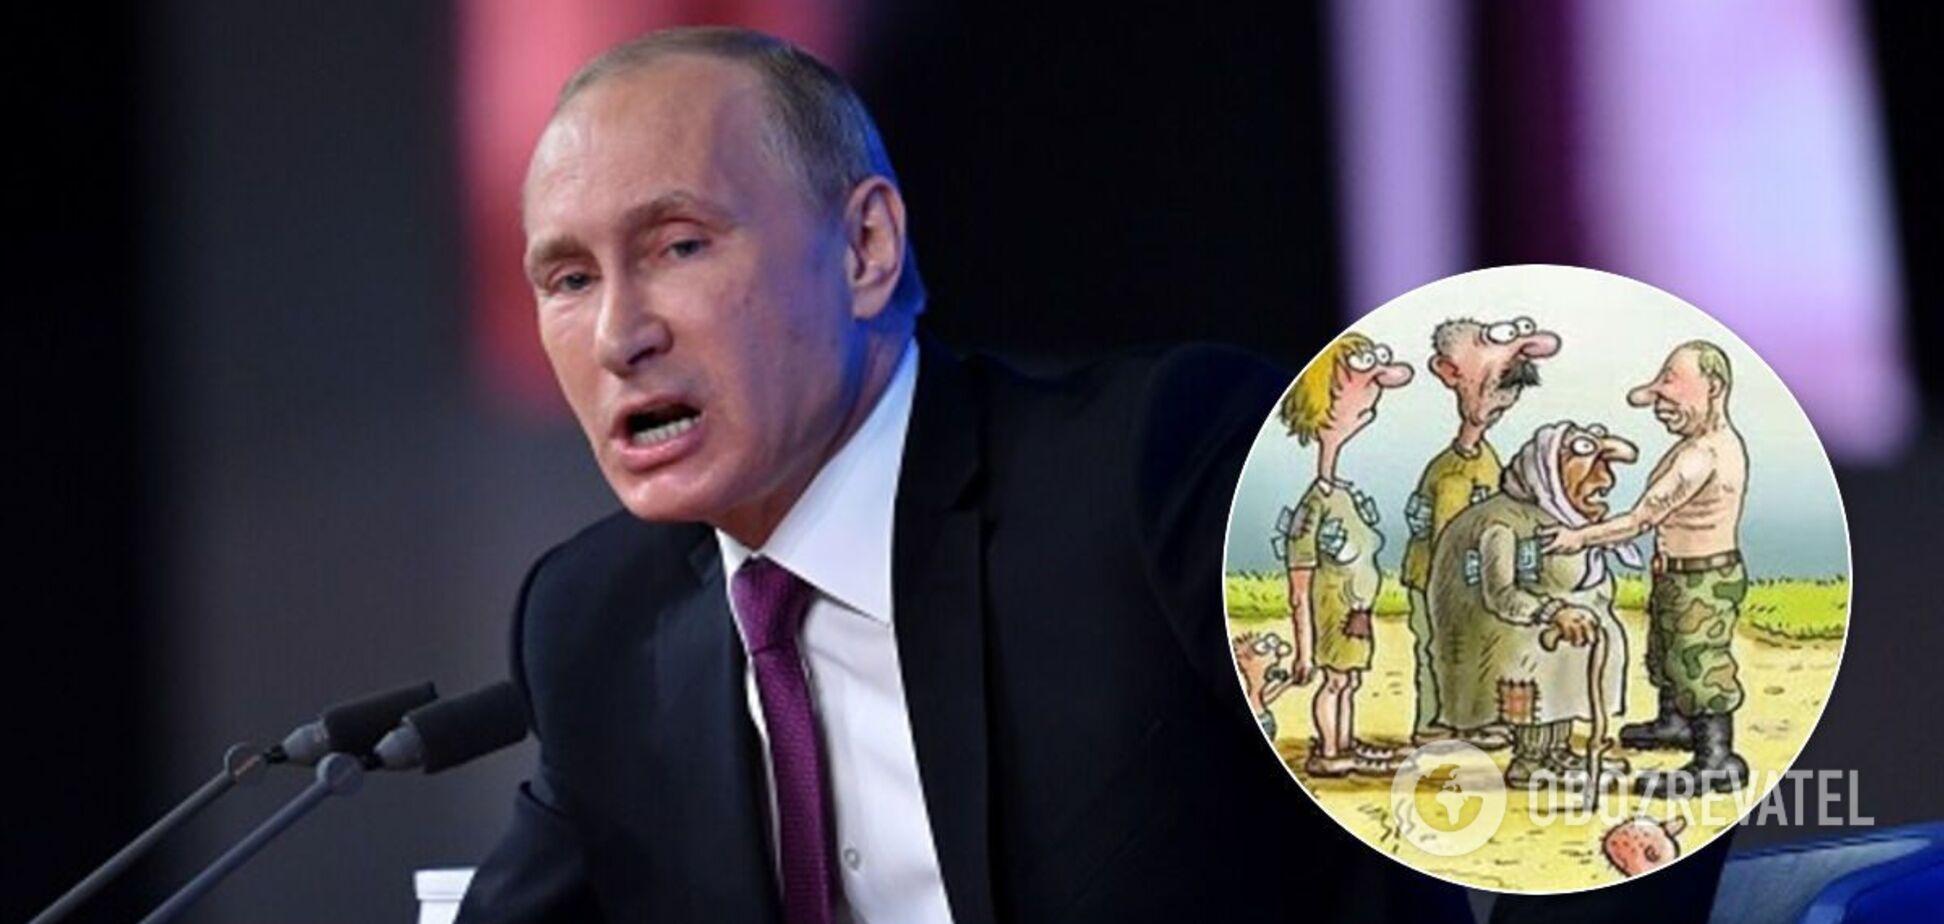 Чоловіка оштрафували на 40 тисяч за жарт про Путіна в Instagram